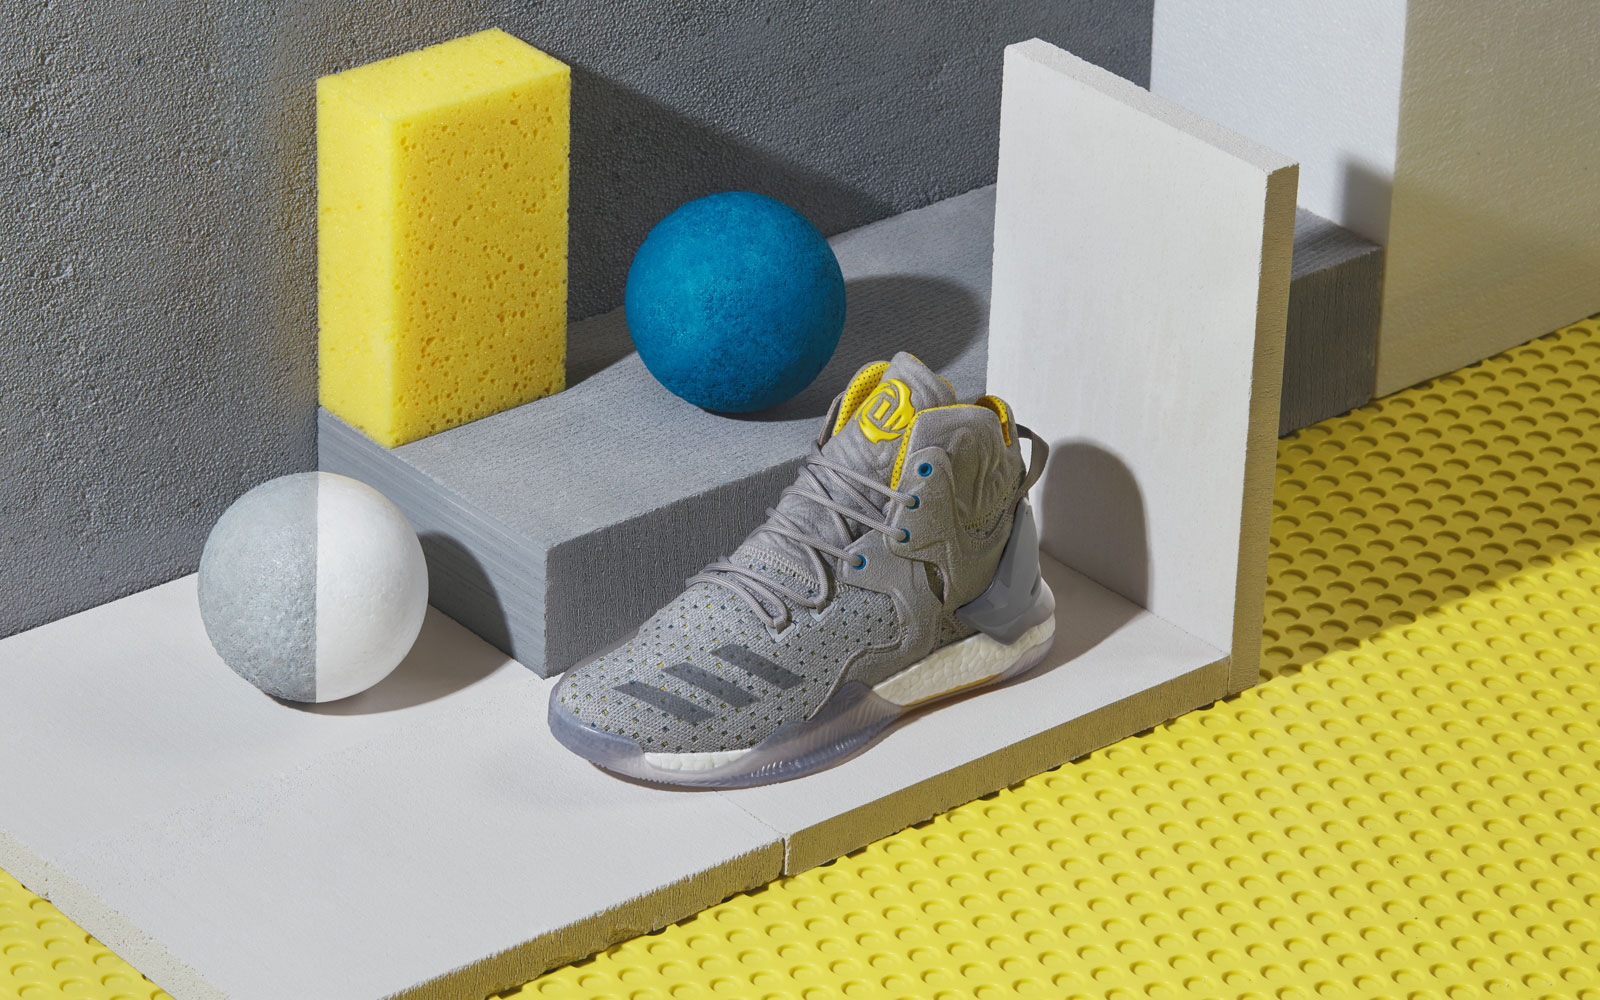 6ec9a2789535 adidas D Rose 7 Primeknit SNS - Bb1946 - Sneakersnstuff